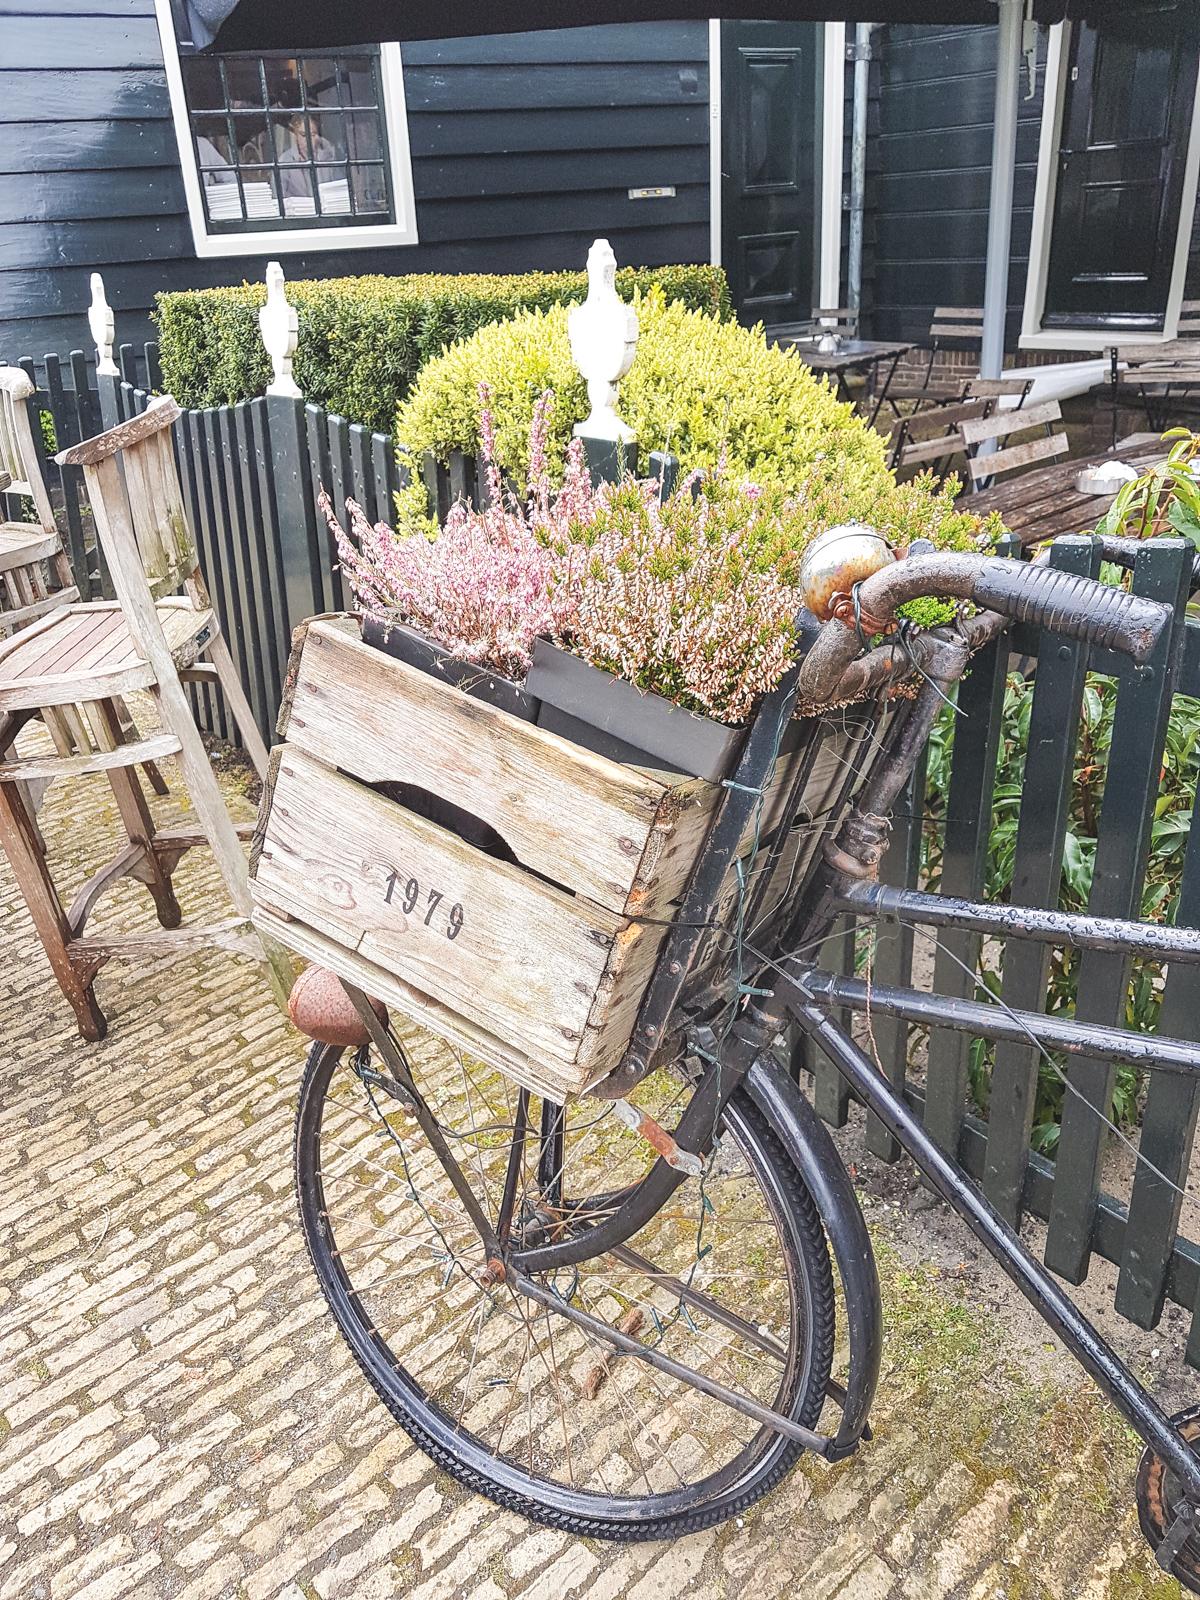 Bike at Zaanse Schans, Holland, The Netherlands